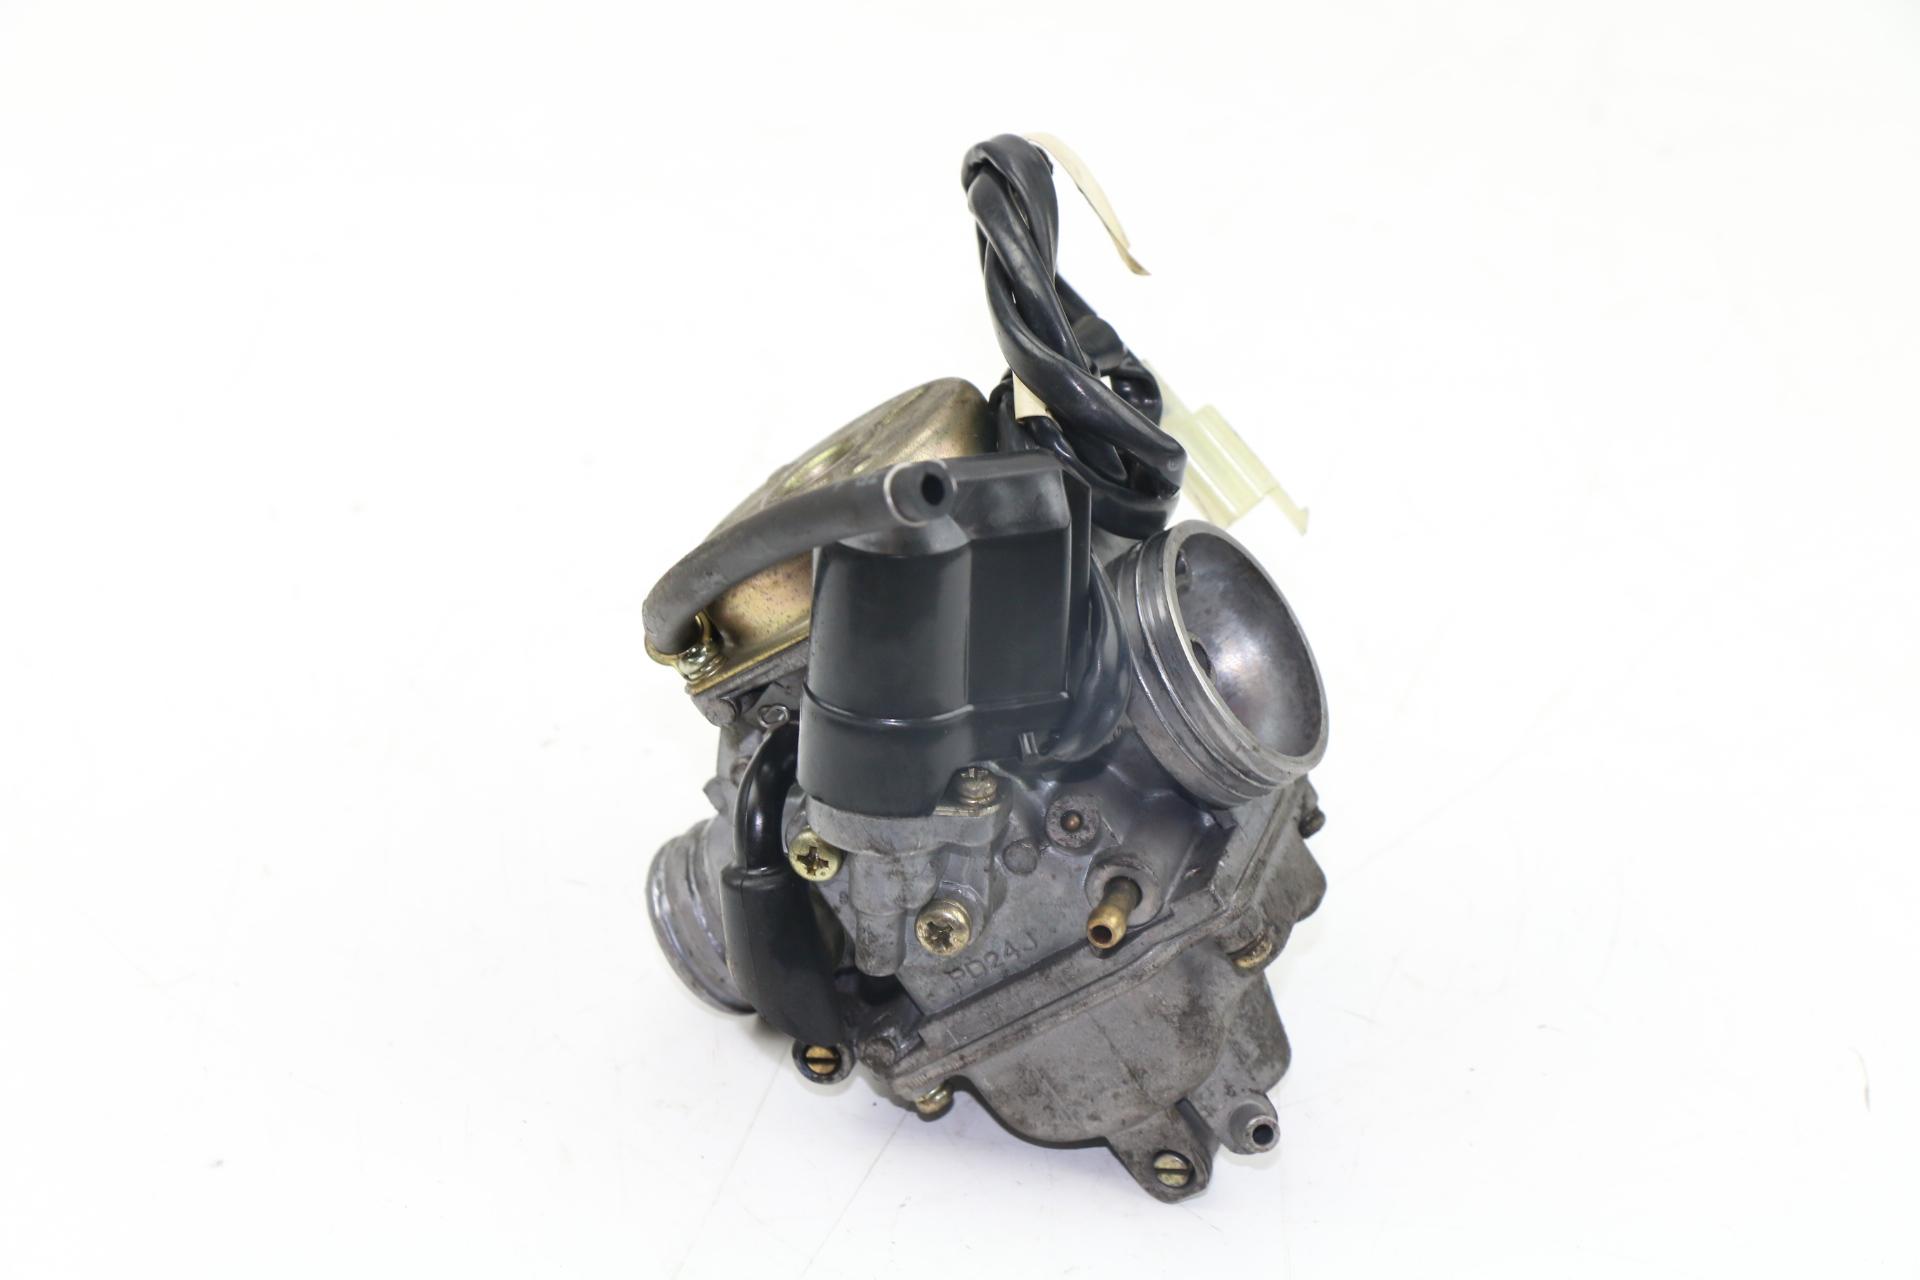 carburetor sym fiddle 125 2008 2010 ebay. Black Bedroom Furniture Sets. Home Design Ideas